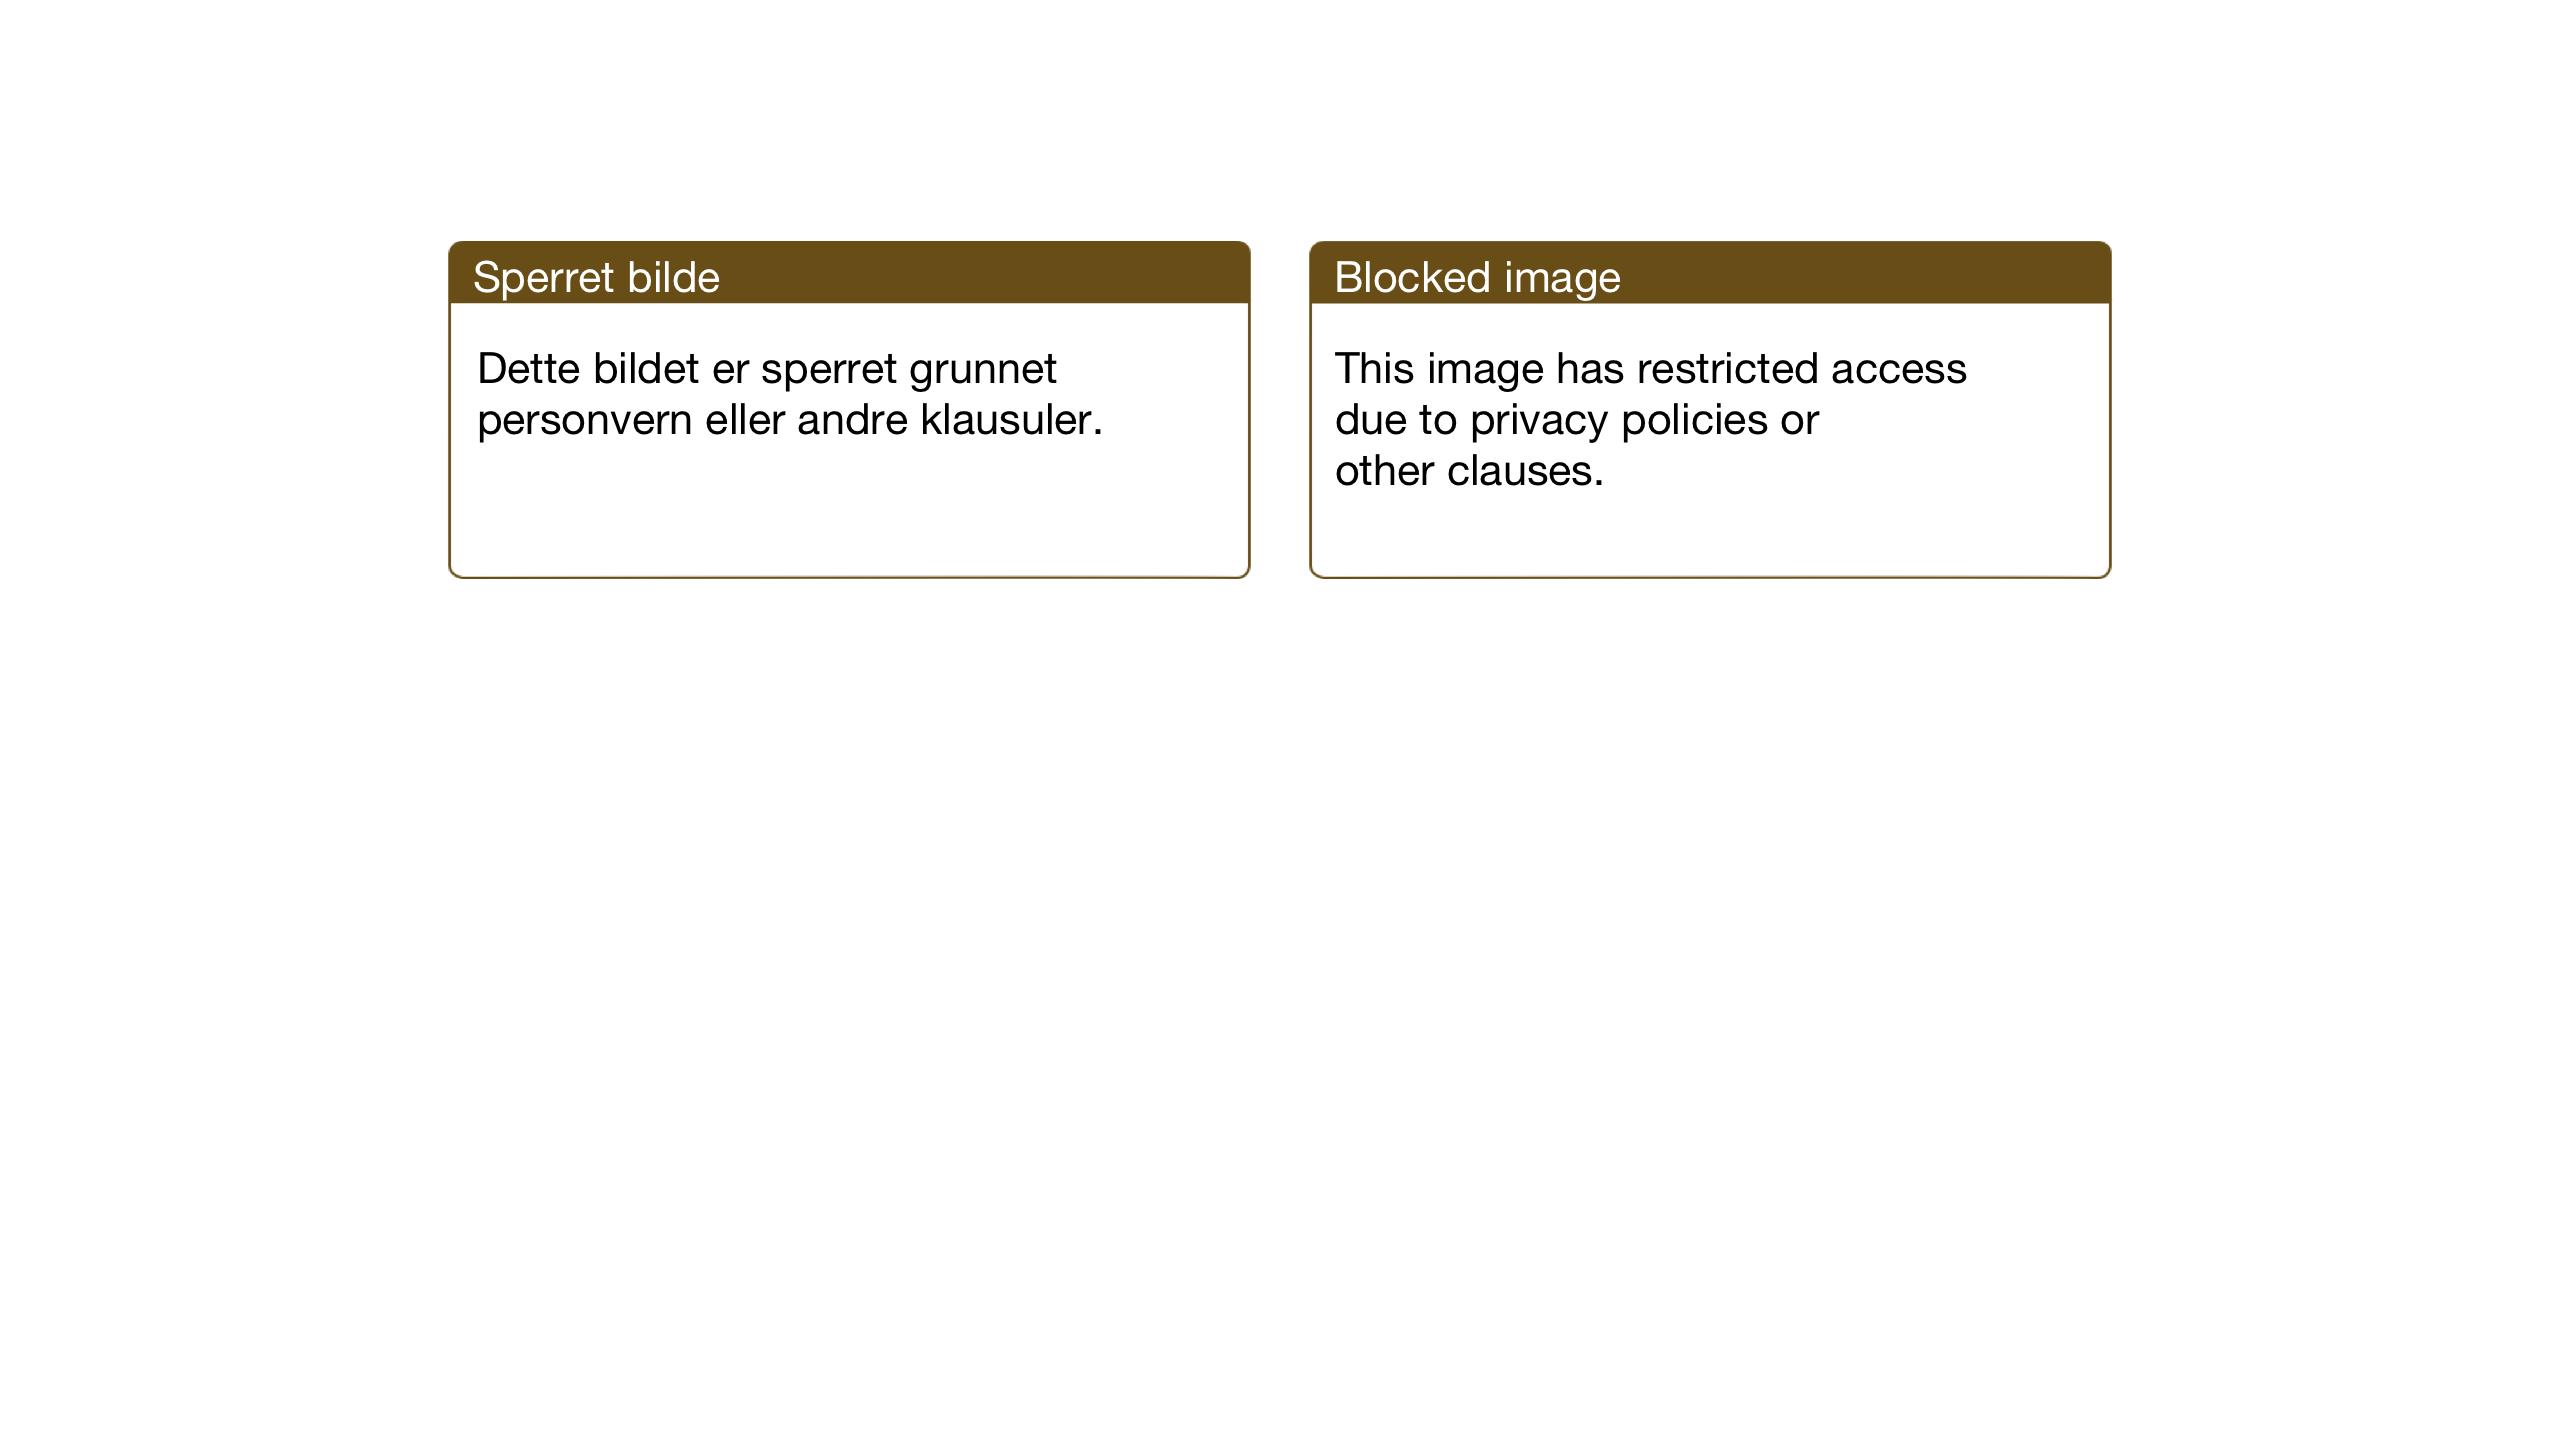 SAT, Ministerialprotokoller, klokkerbøker og fødselsregistre - Nord-Trøndelag, 741/L0403: Ministerialbok nr. 741C04, 1925-1944, s. 117